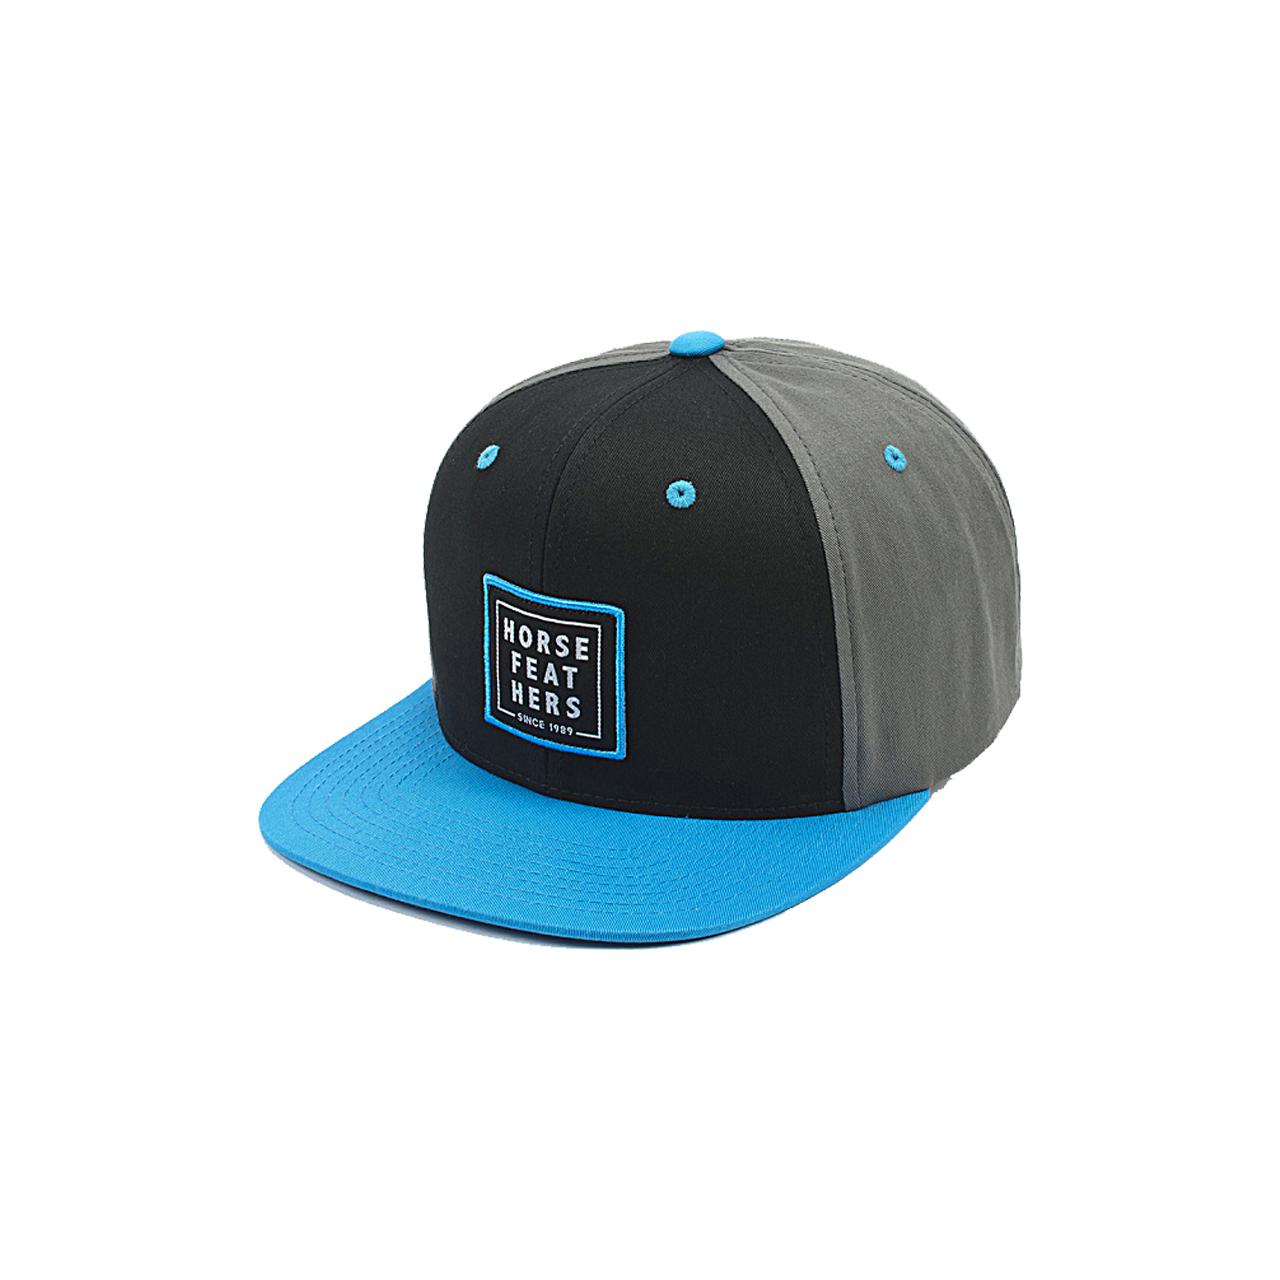 کلاه کپ هورس فیدرز مدل مونرو